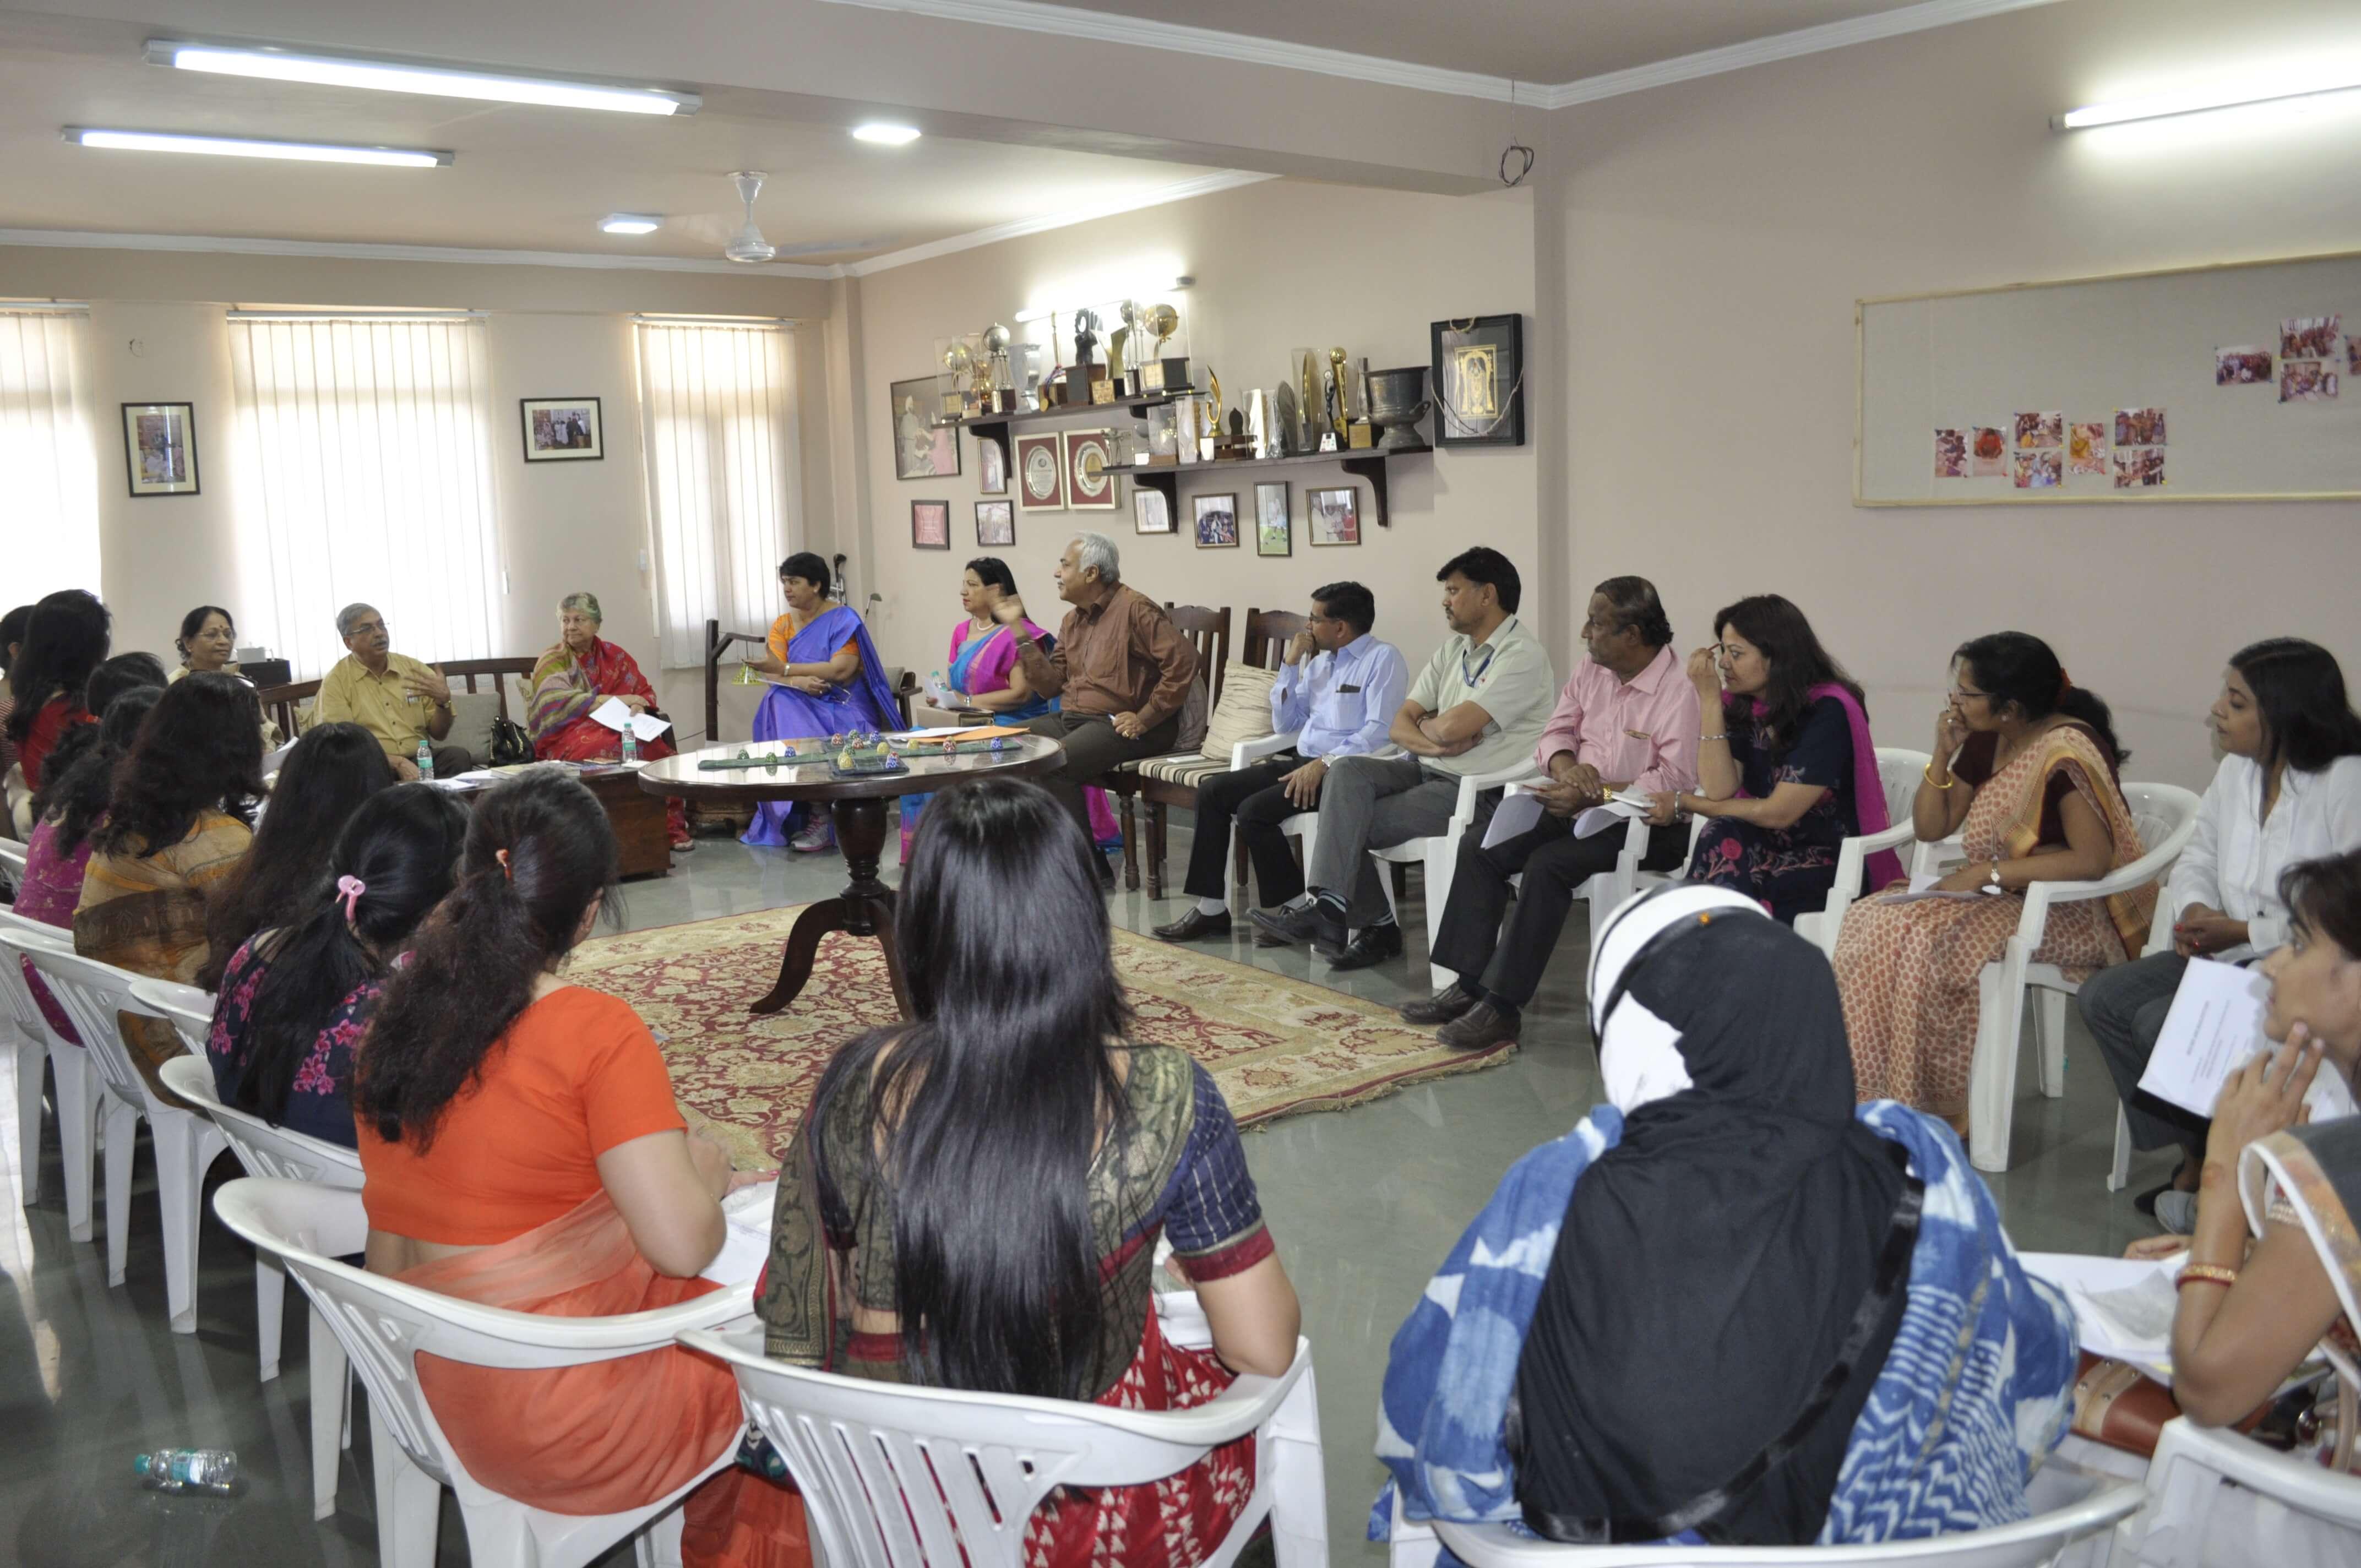 Meeting held at Neerja International INc